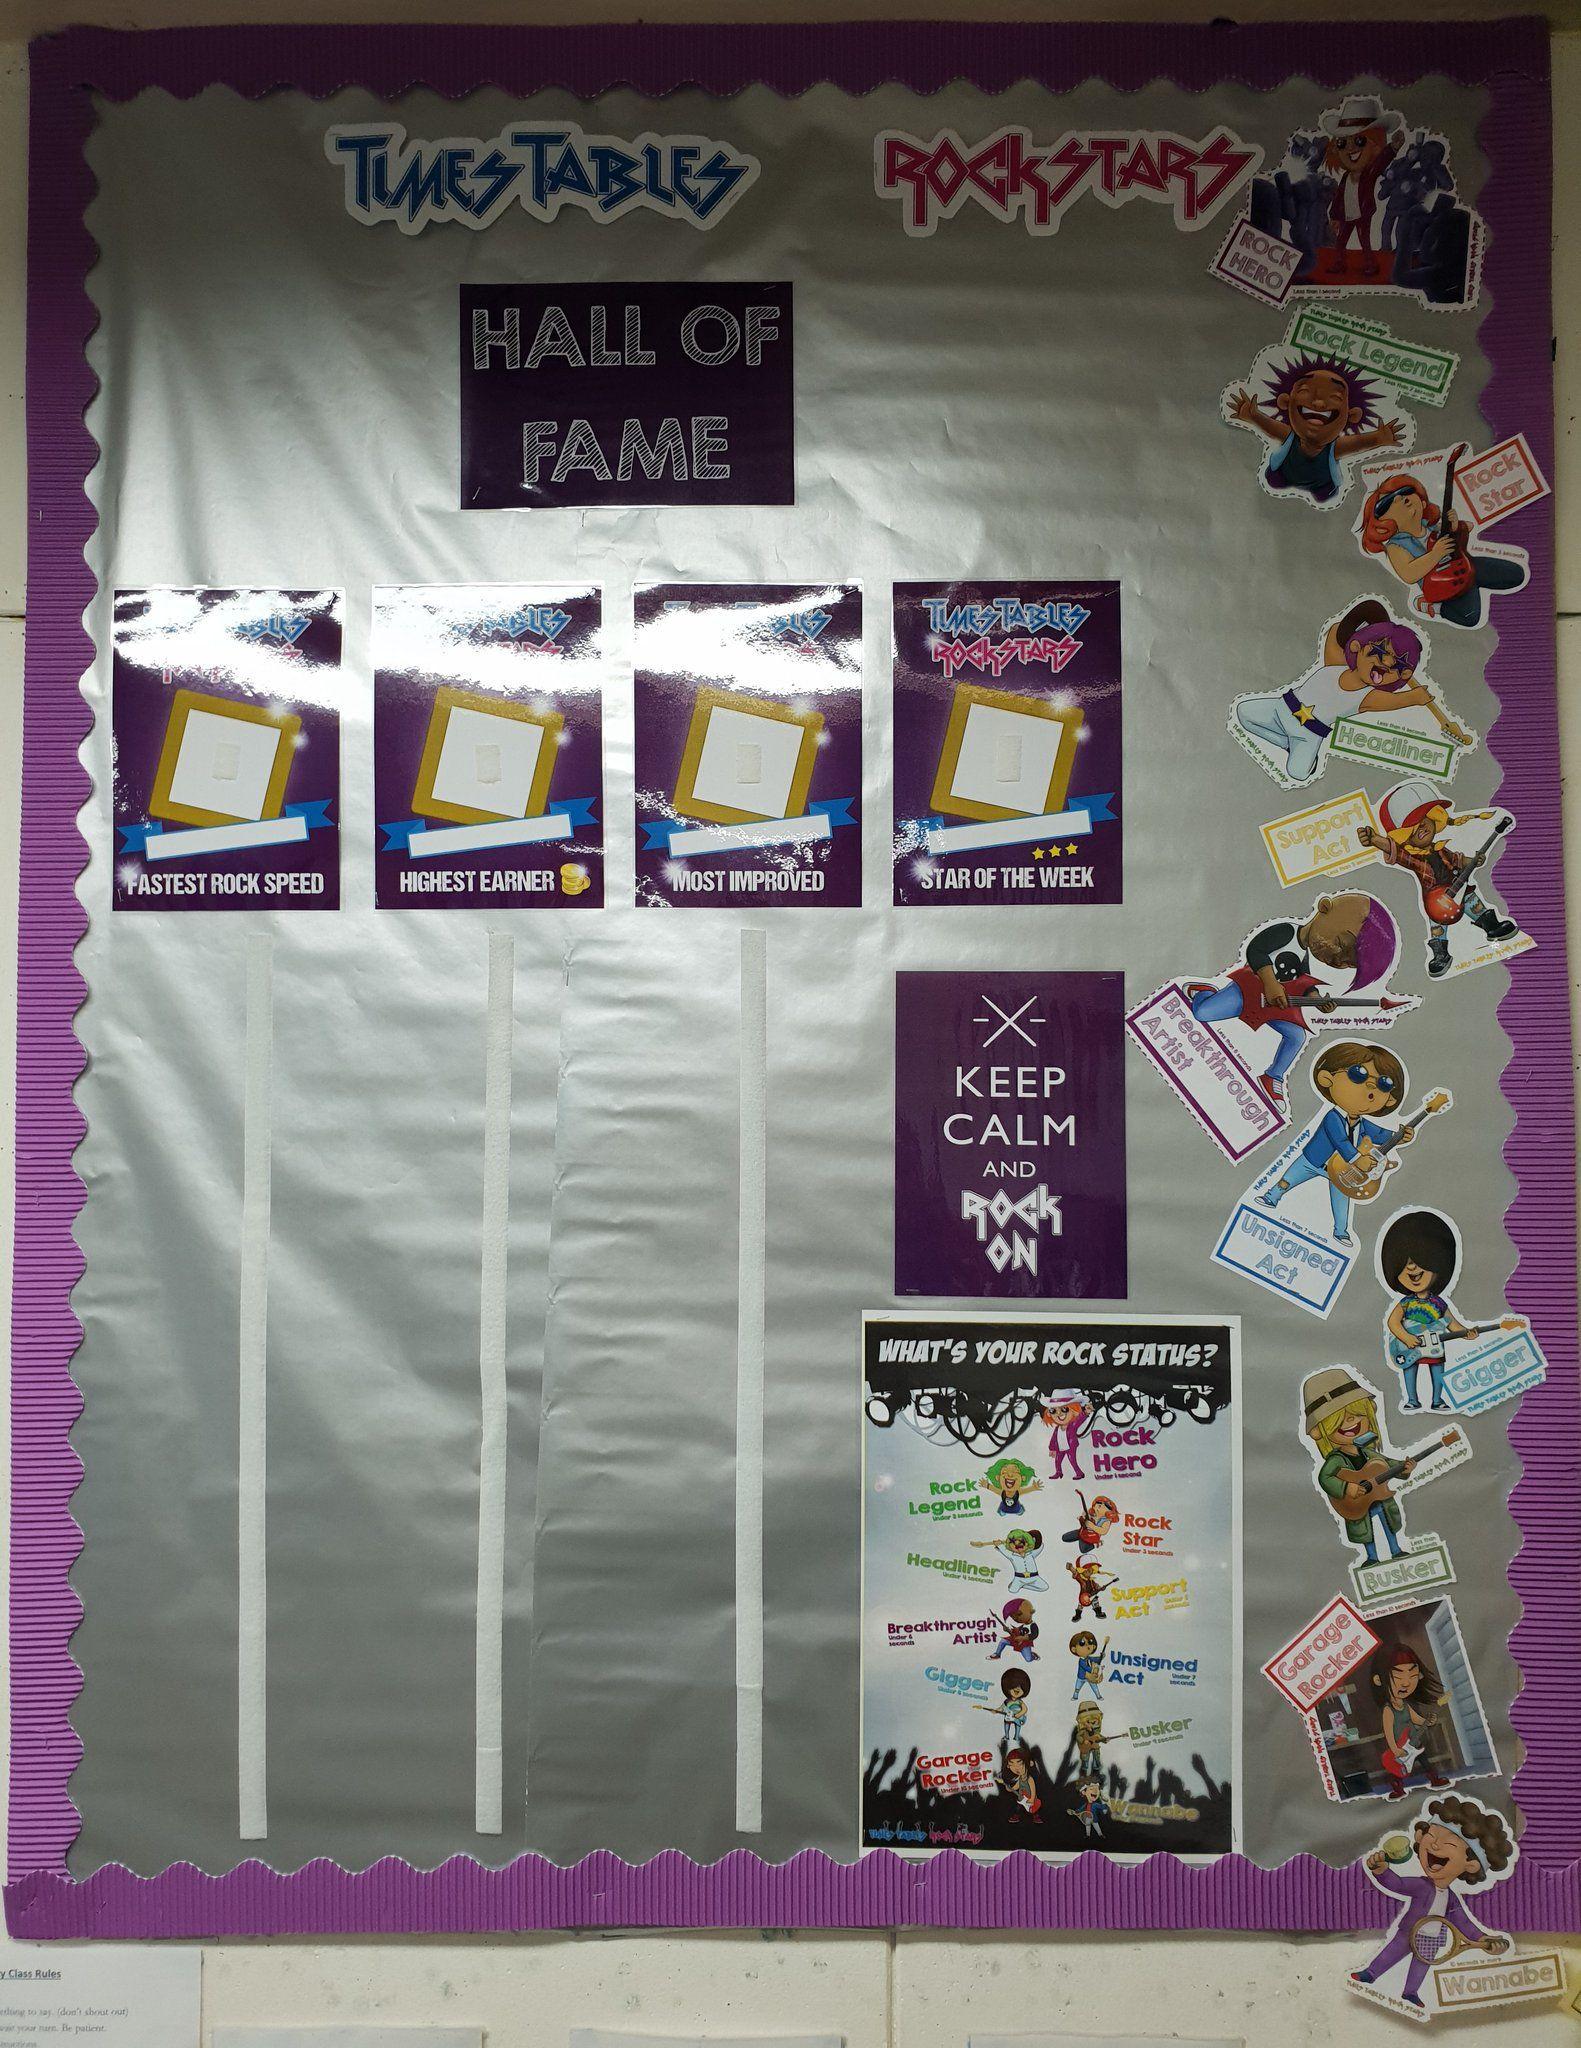 Ttrockstars Times Table Rockstars School Display Board Display Boards For School Times Tables School Displays